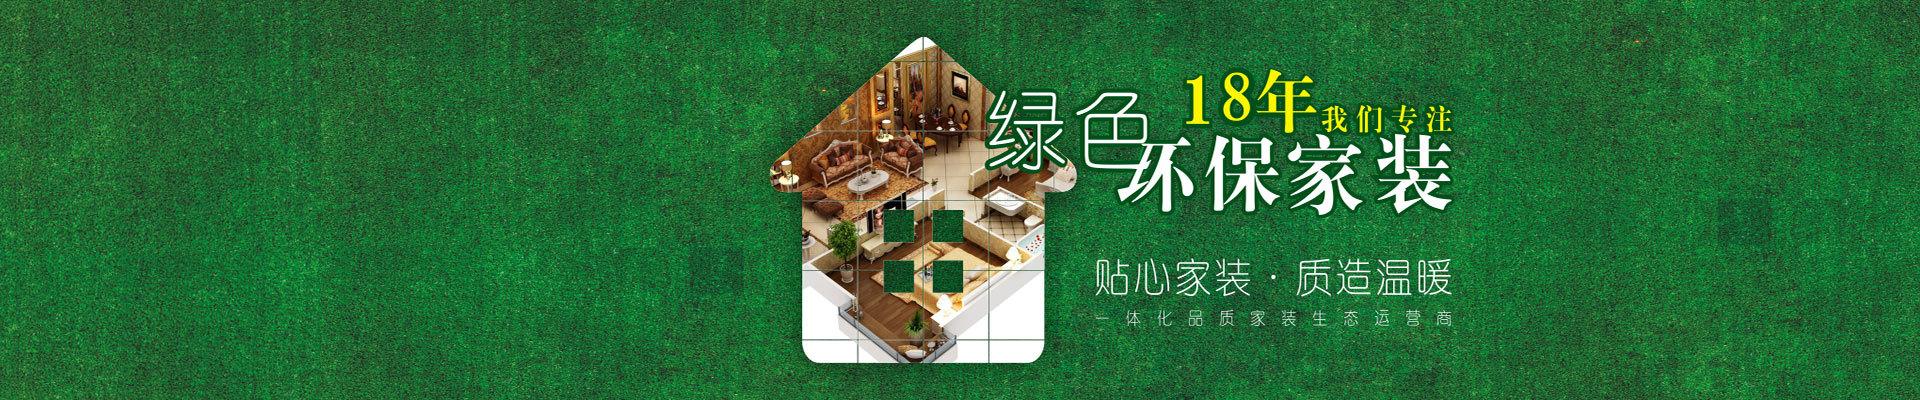 深圳市浩天装饰设计工程有限公司中山东区分公司